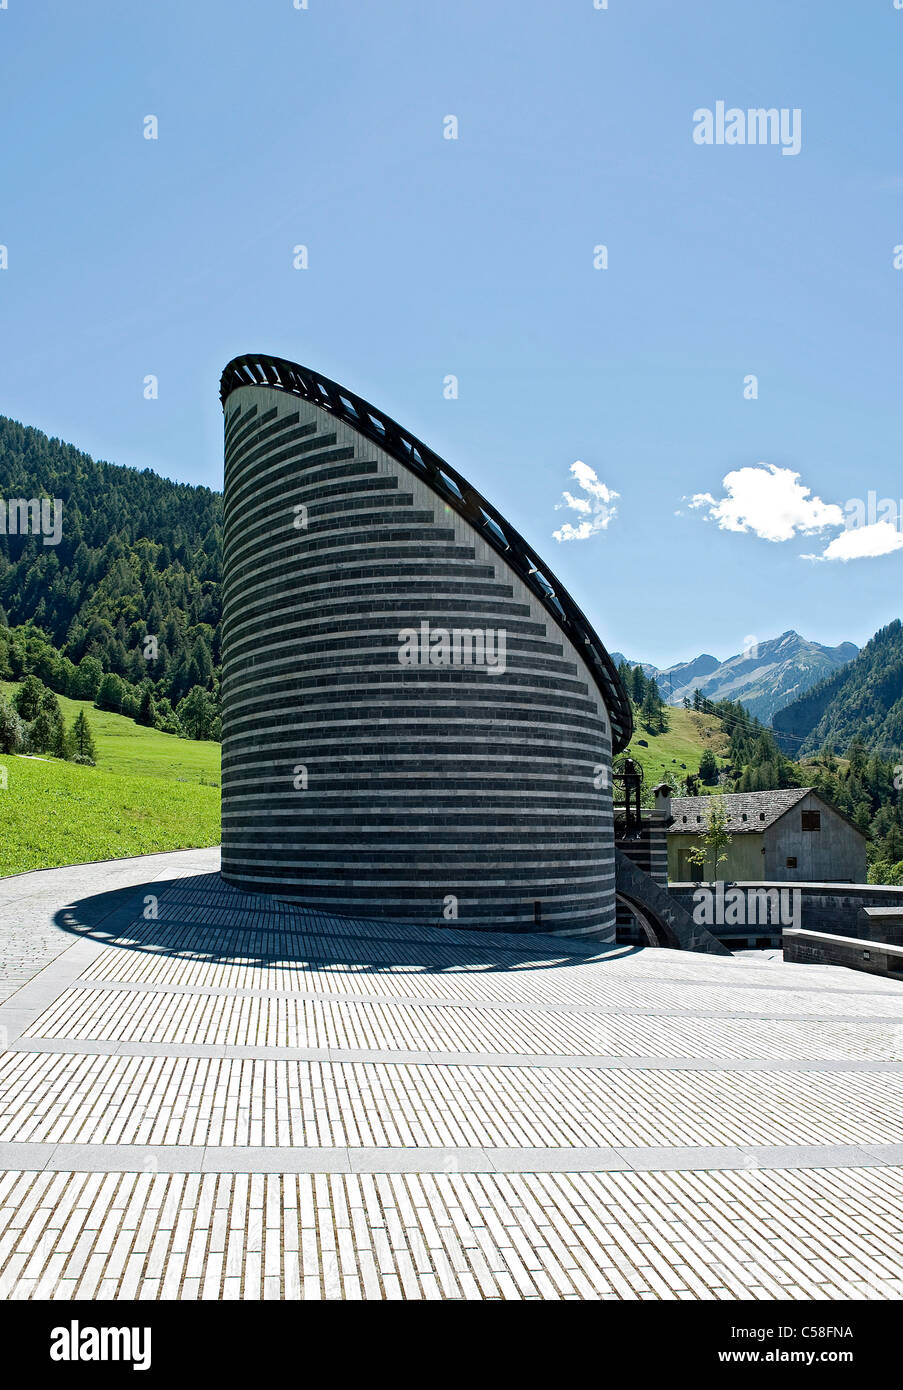 Suiza, Ticino, Mogno, iglesia, Mario Botta, la arquitectura Foto de stock